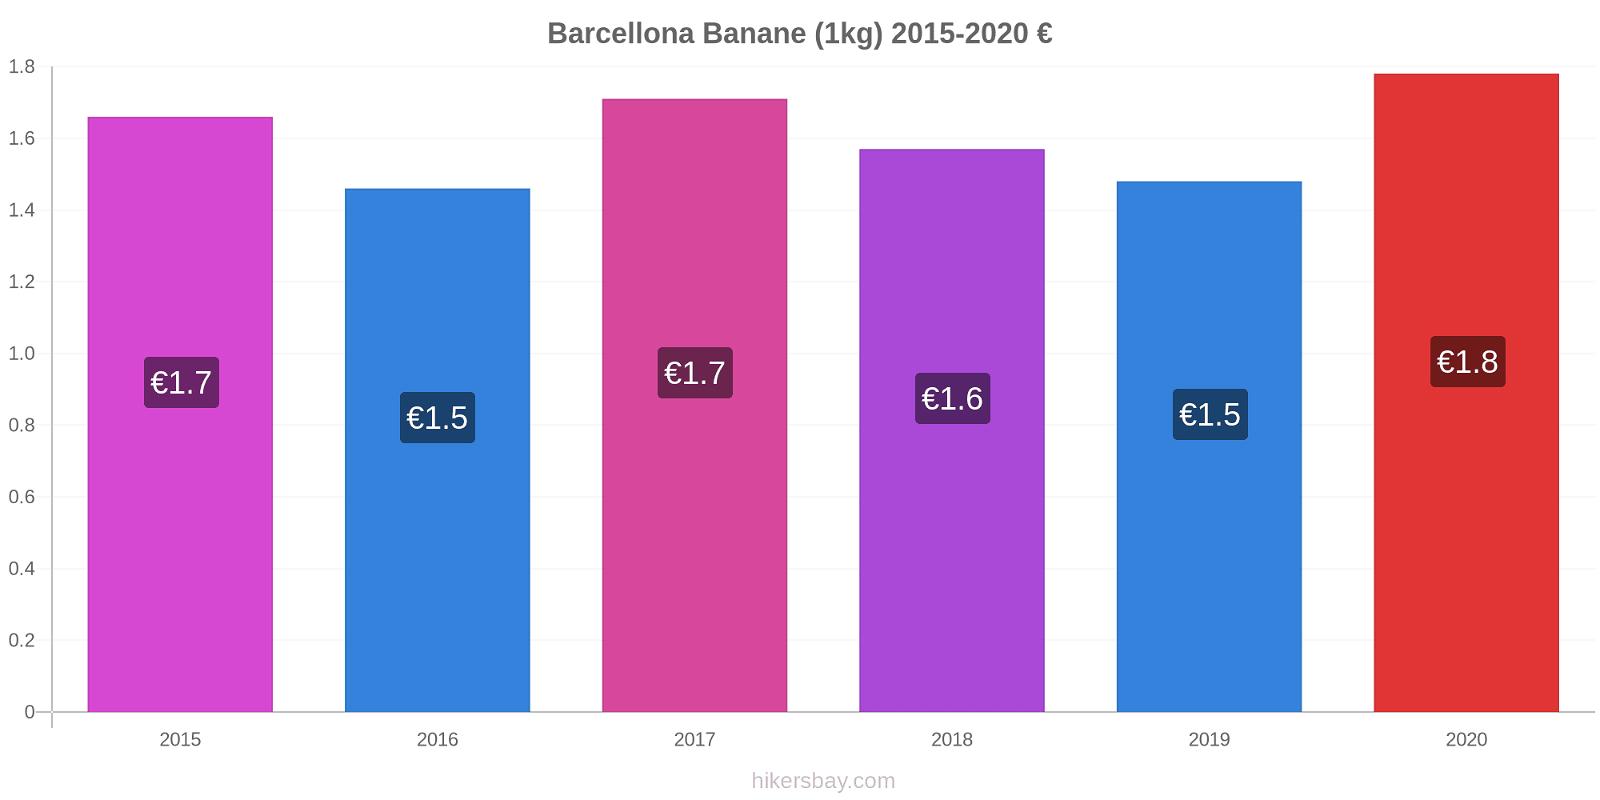 Barcellona variazioni di prezzo Banana (1kg) hikersbay.com